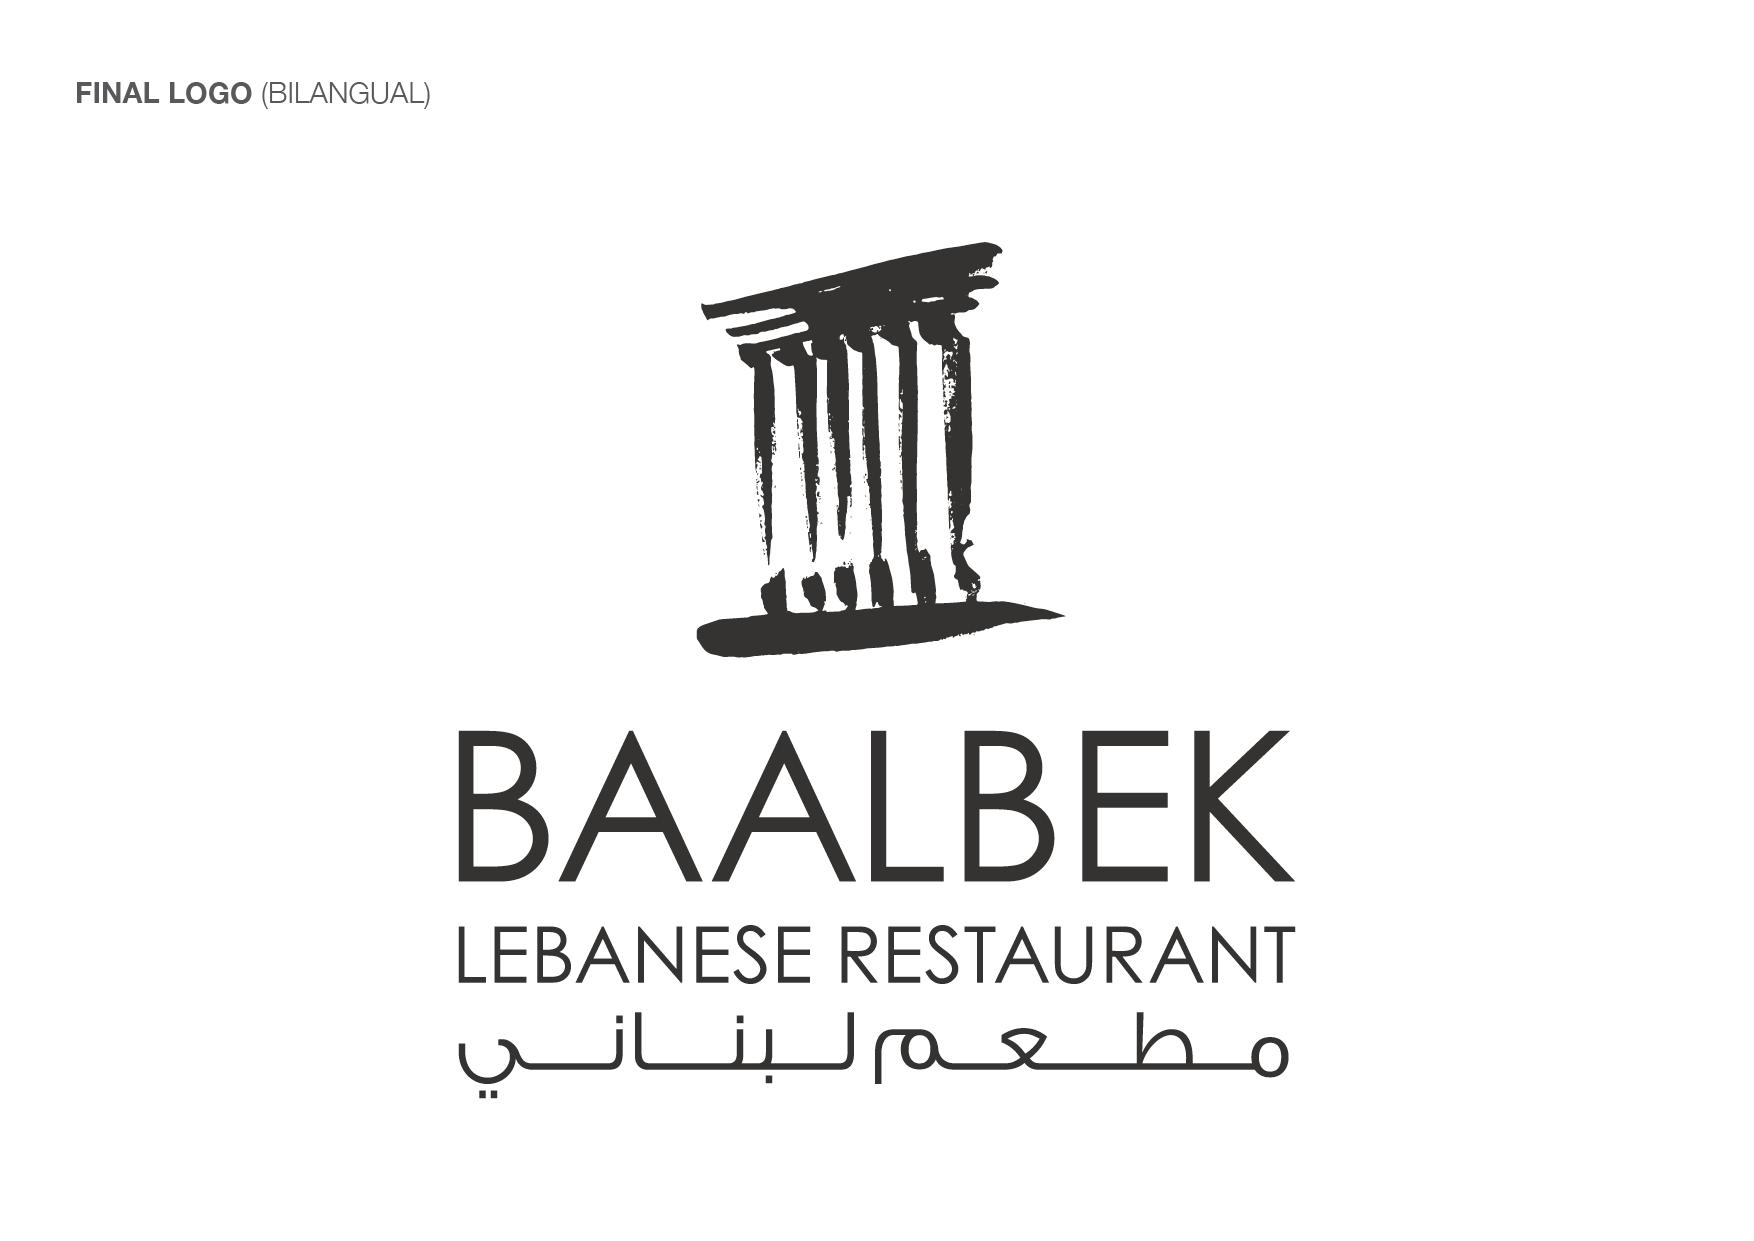 Baalbek Lebanese Restaurant Budapest On Behance